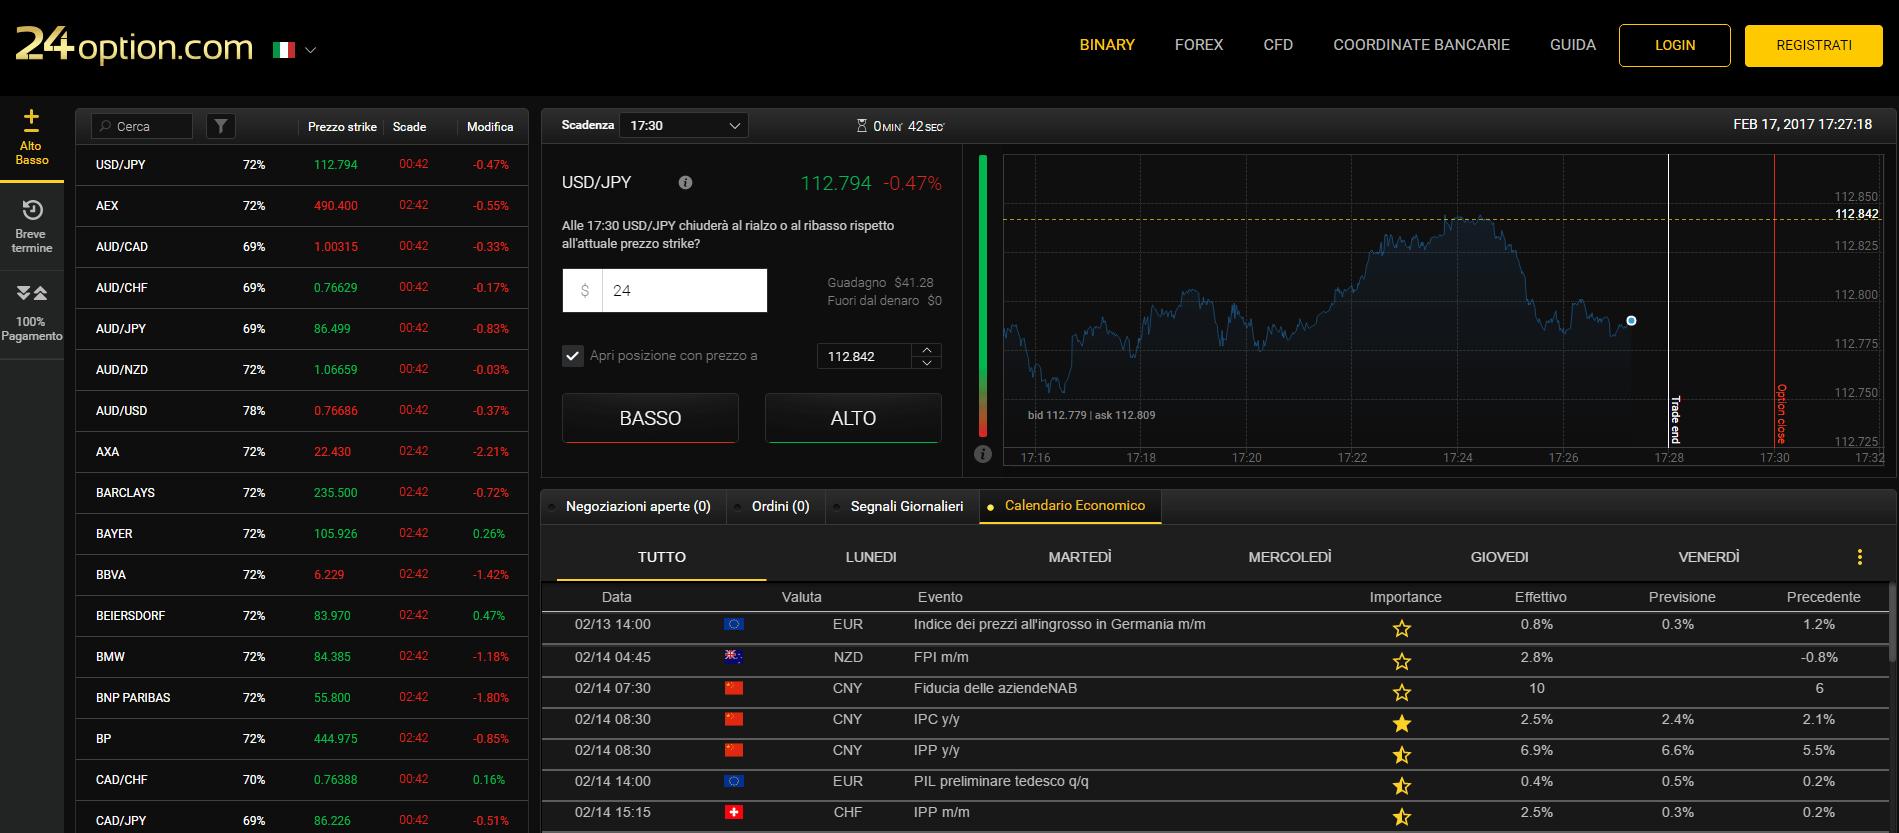 pagina di accesso agli strumenti di trading